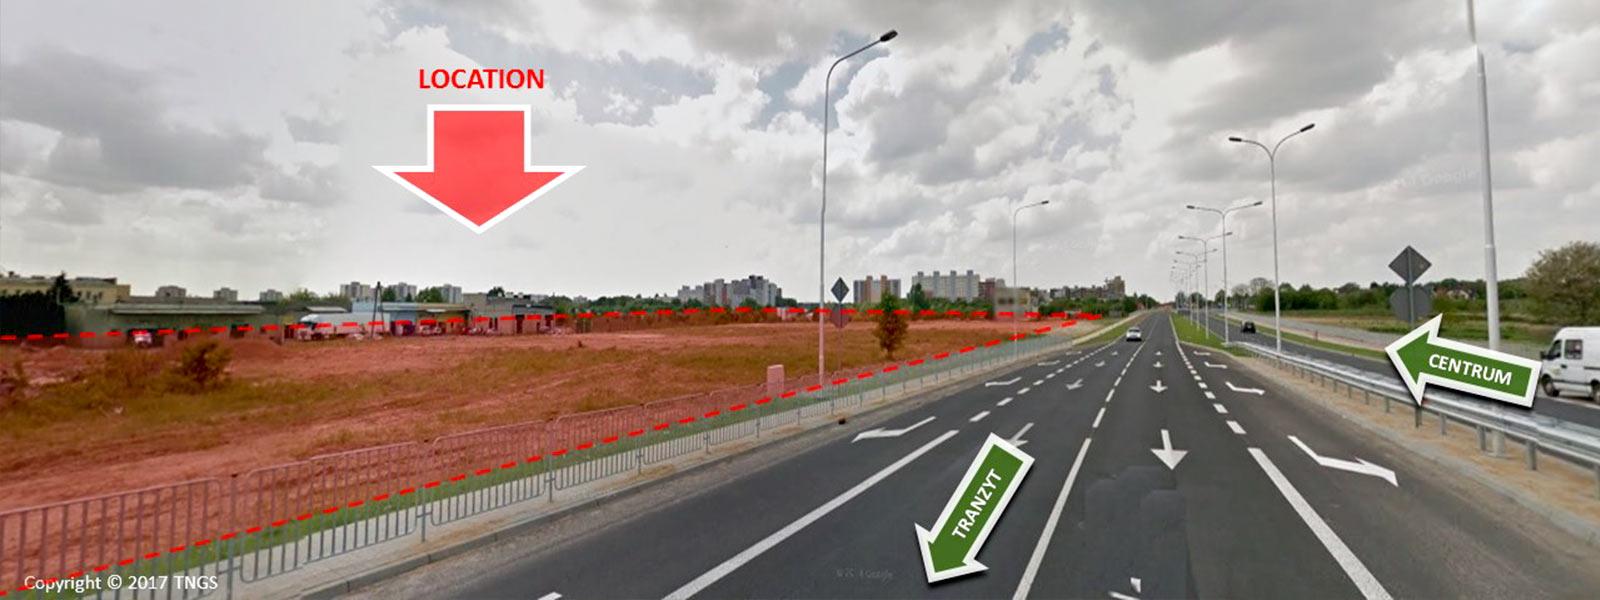 Lublin ul. Stefczyka przy IKEA   - TNGS Tomasz Karman - Biuro Obsługi Inwestora - Lublin